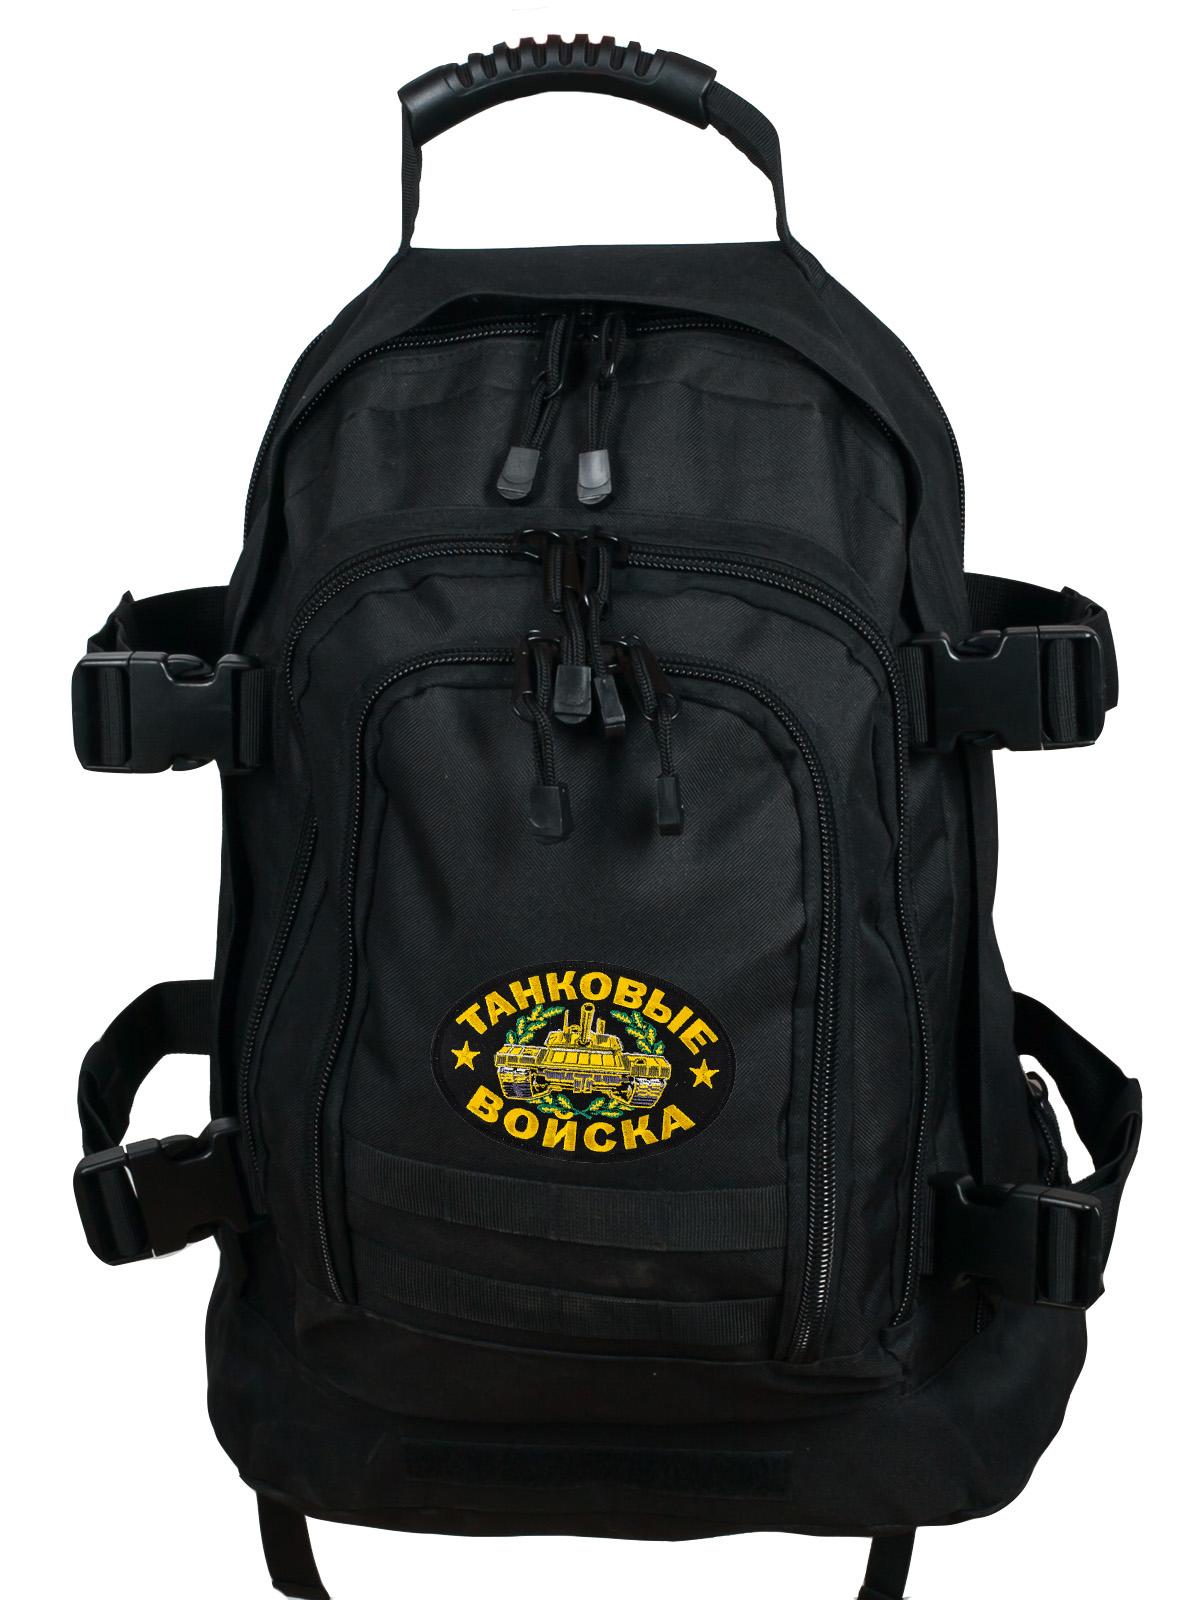 Купить универсальный черный рюкзак с нашивкой Танковых войск оптом и в розницу